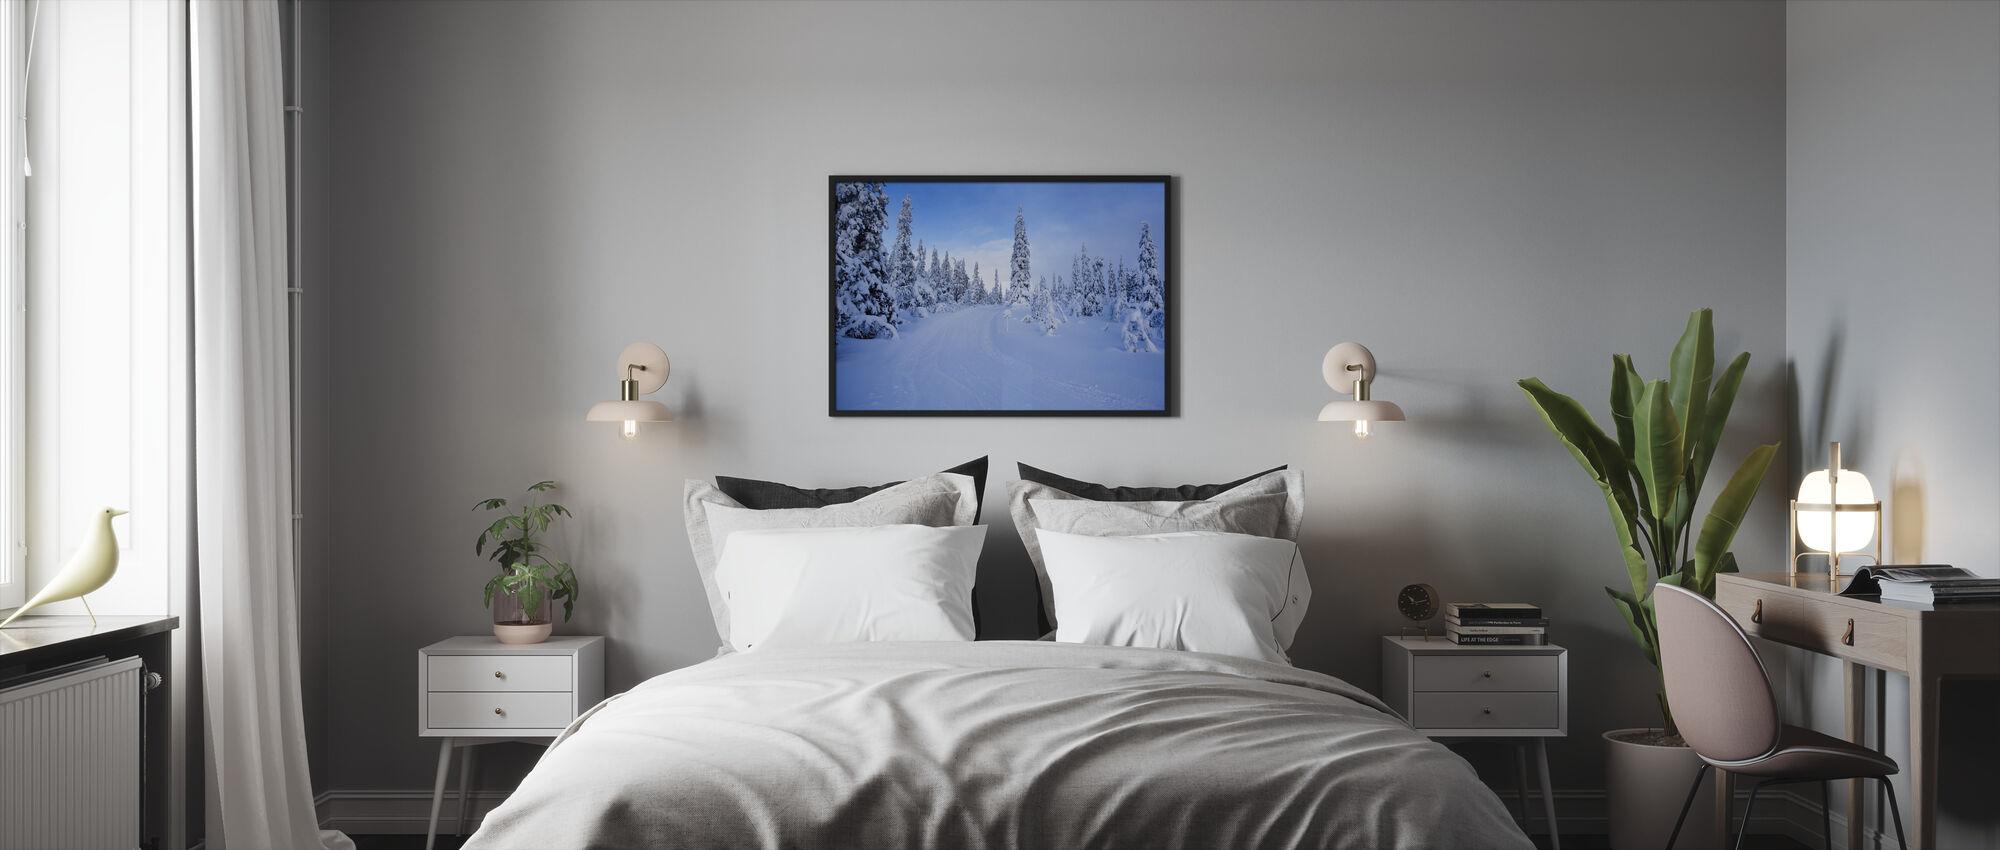 Ski track in Dalarna, Sweden - Framed print - Bedroom